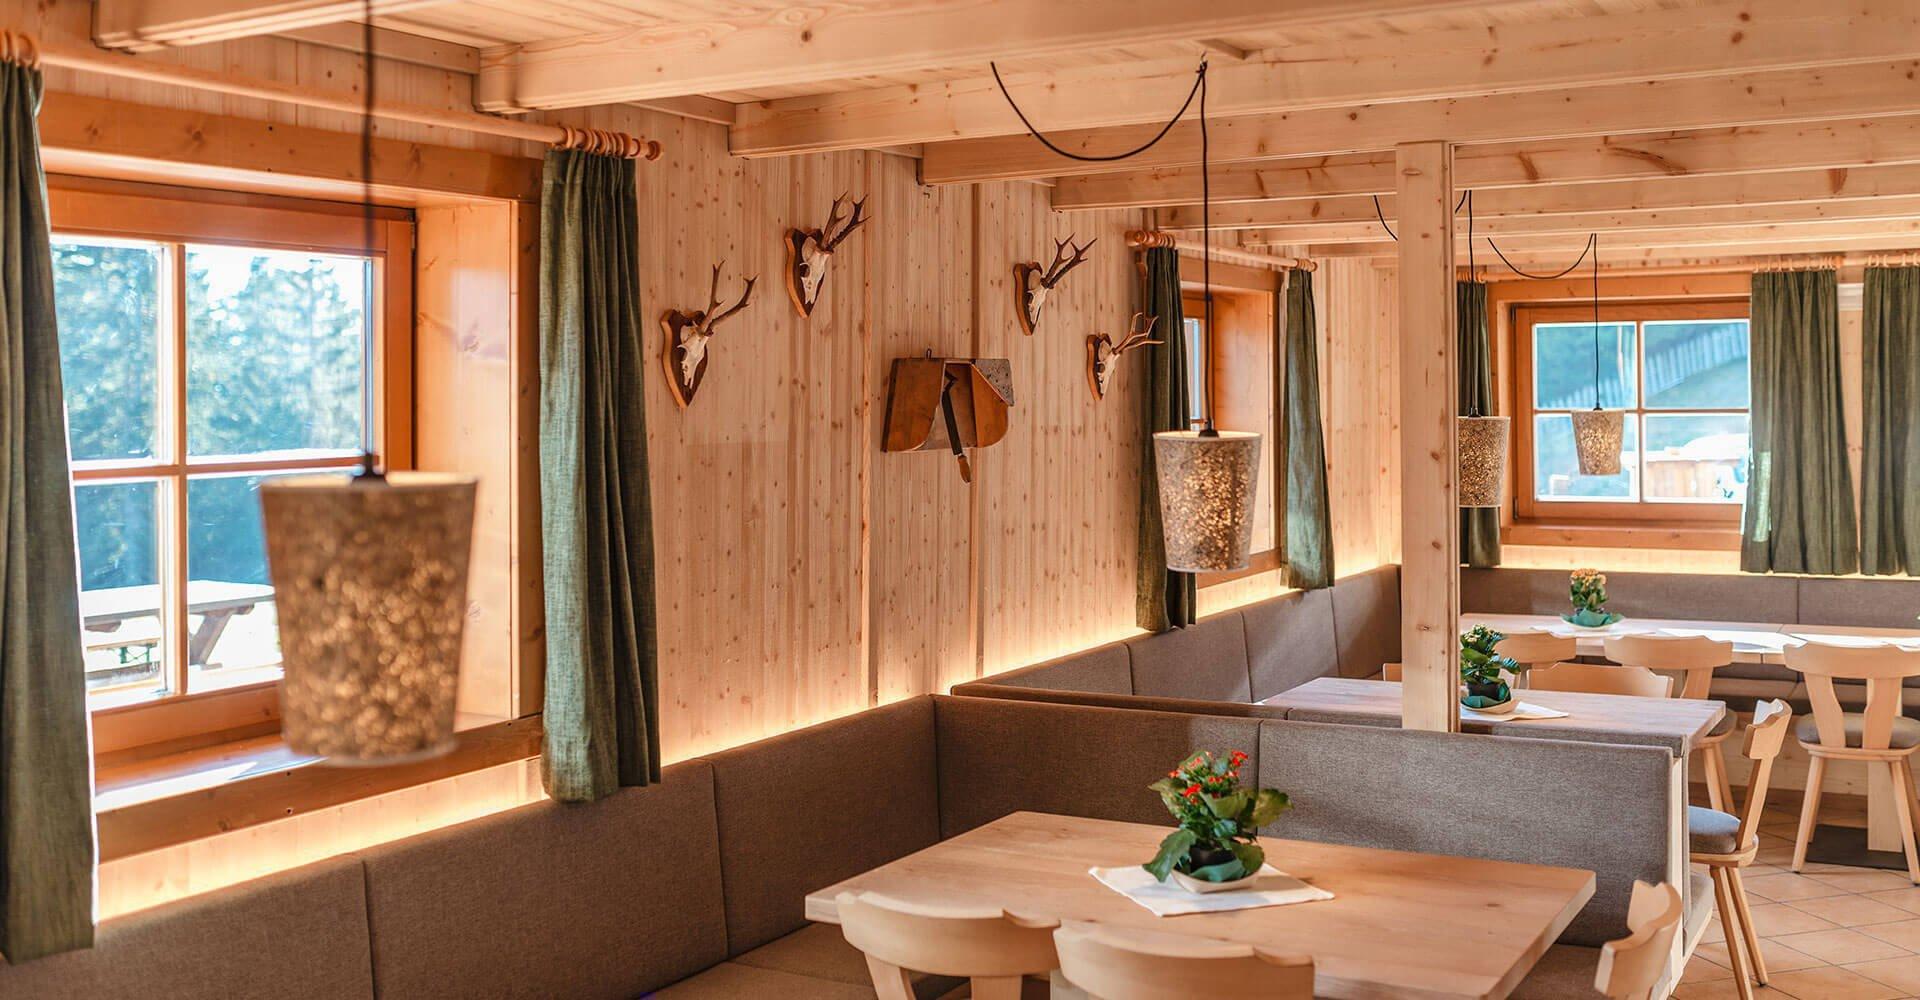 Kulinarik & Almgenuss im Berggasthof Oberhauserhütte in Südtirol